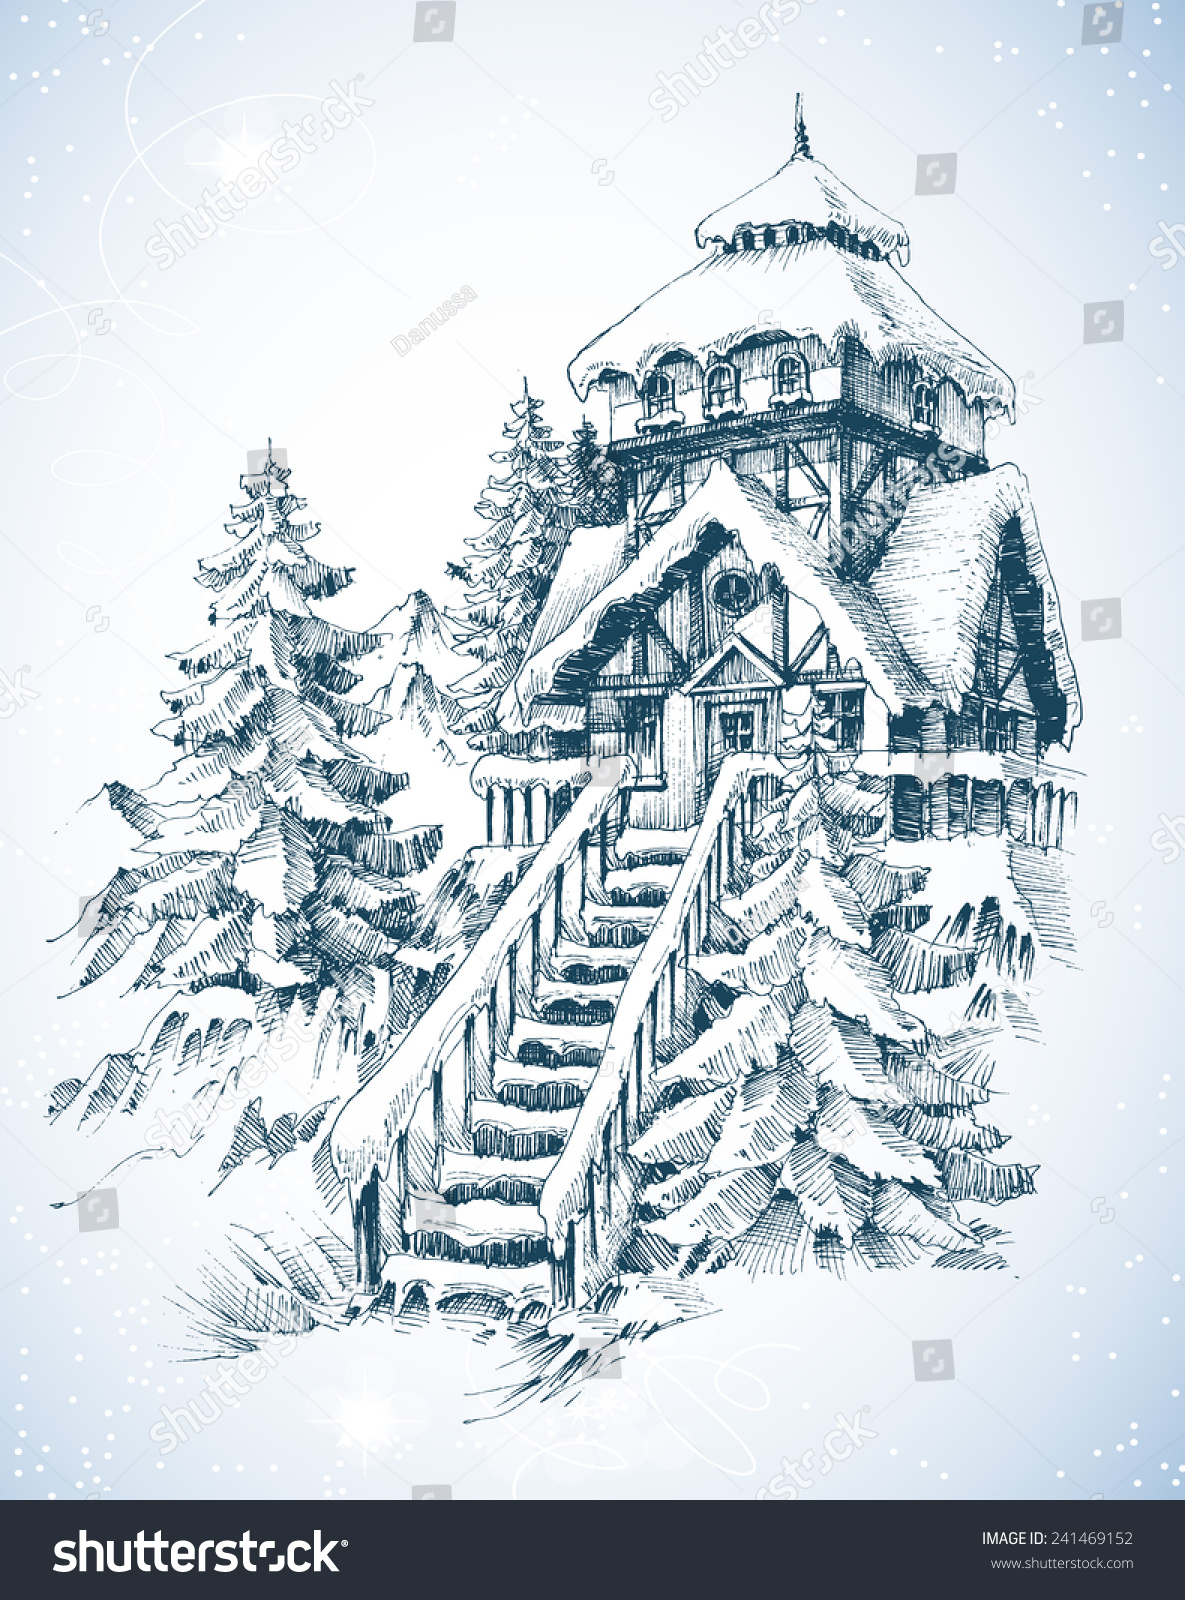 冬天雪地的动物的简笔画